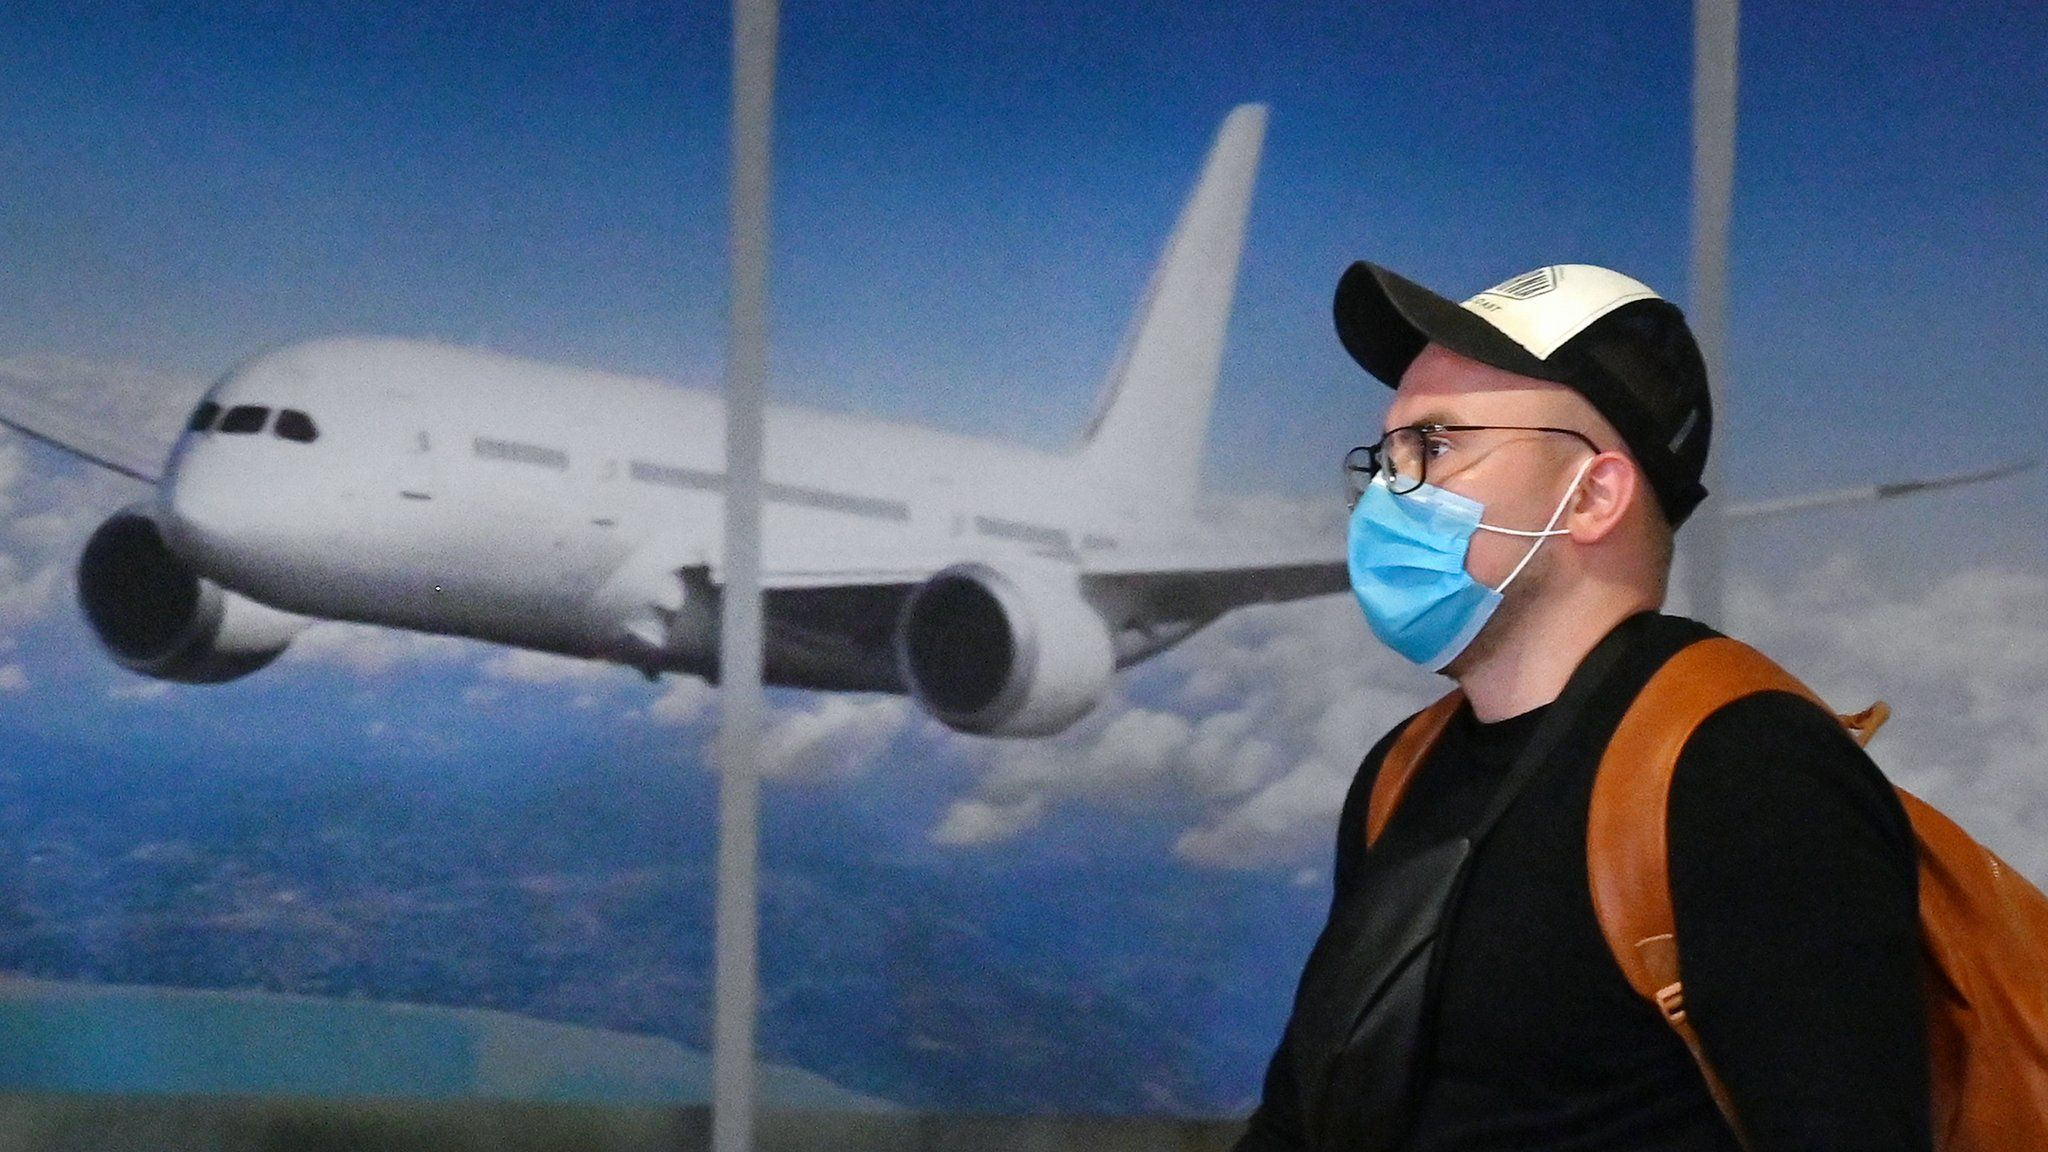 السفر الجوي يتراجع